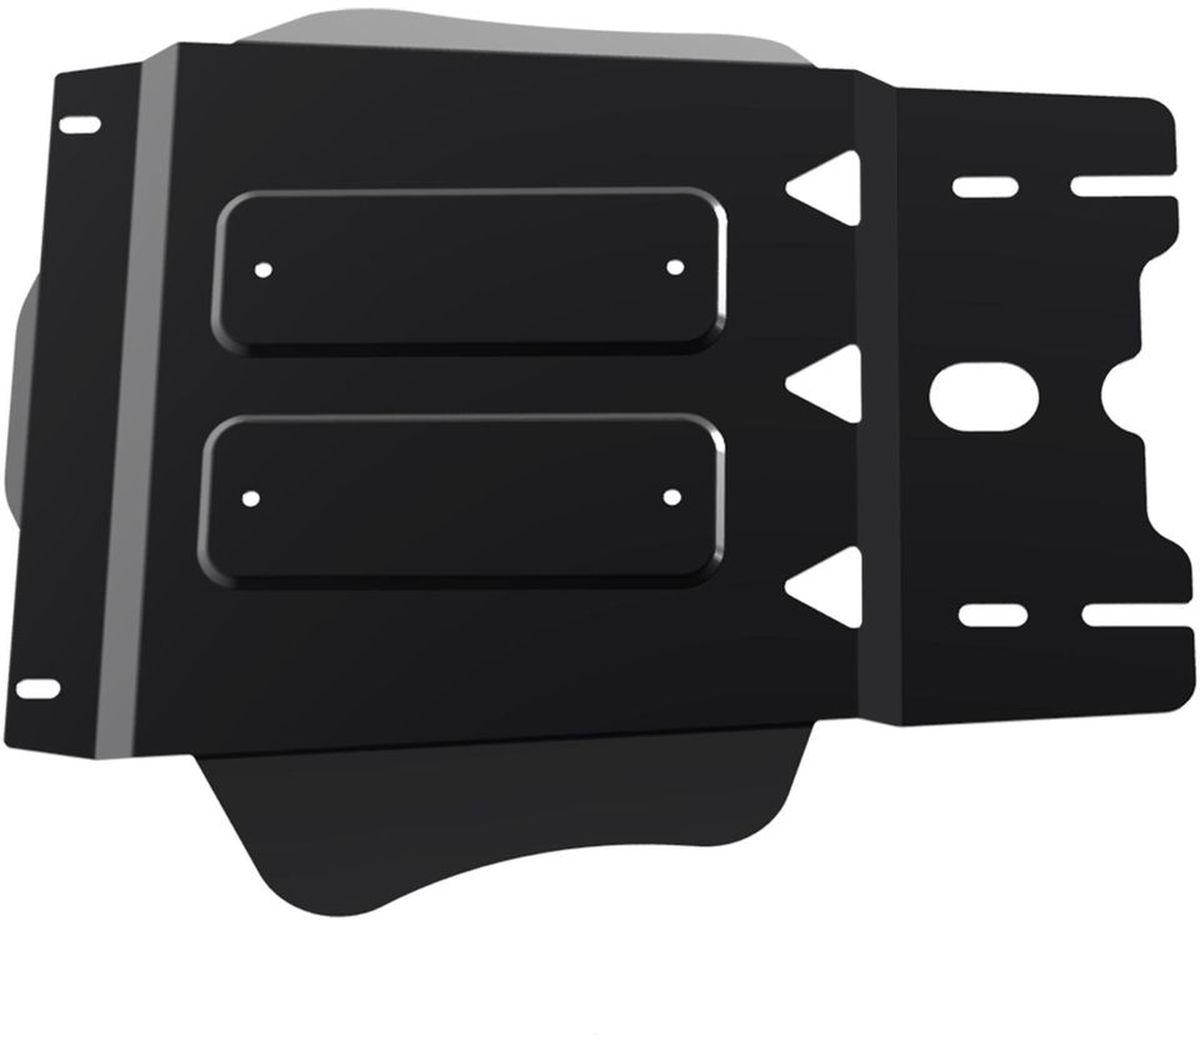 Защита КПП и РК Автоброня Toyota 4runner 1990-1995, сталь 2 мм111.05765.1Защита КПП и РК Автоброня Toyota 4runner 1990-1995, сталь 2 мм, комплект крепежа, 111.05765.1Дополнительно можно приобрести другие защитные элементы из комплекта: картера - 111.05764.1Стальные защиты Автоброня надежно защищают ваш автомобиль от повреждений при наезде на бордюры, выступающие канализационные люки, кромки поврежденного асфальта или при ремонте дорог, не говоря уже о загородных дорогах.- Имеют оптимальное соотношение цена-качество.- Спроектированы с учетом особенностей автомобиля, что делает установку удобной.- Защита устанавливается в штатные места кузова автомобиля.- Является надежной защитой для важных элементов на протяжении долгих лет.- Глубокий штамп дополнительно усиливает конструкцию защиты.- Подштамповка в местах крепления защищает крепеж от срезания.- Технологические отверстия там, где они необходимы для смены масла и слива воды, оборудованные заглушками, закрепленными на защите.Толщина стали 2 мм.В комплекте крепеж и инструкция по установке.Уважаемые клиенты!Обращаем ваше внимание на тот факт, что защита имеет форму, соответствующую модели данного автомобиля. Наличие глубокого штампа и лючков для смены фильтров/масла предусмотрено не на всех защитах. Фото служит для визуального восприятия товара.